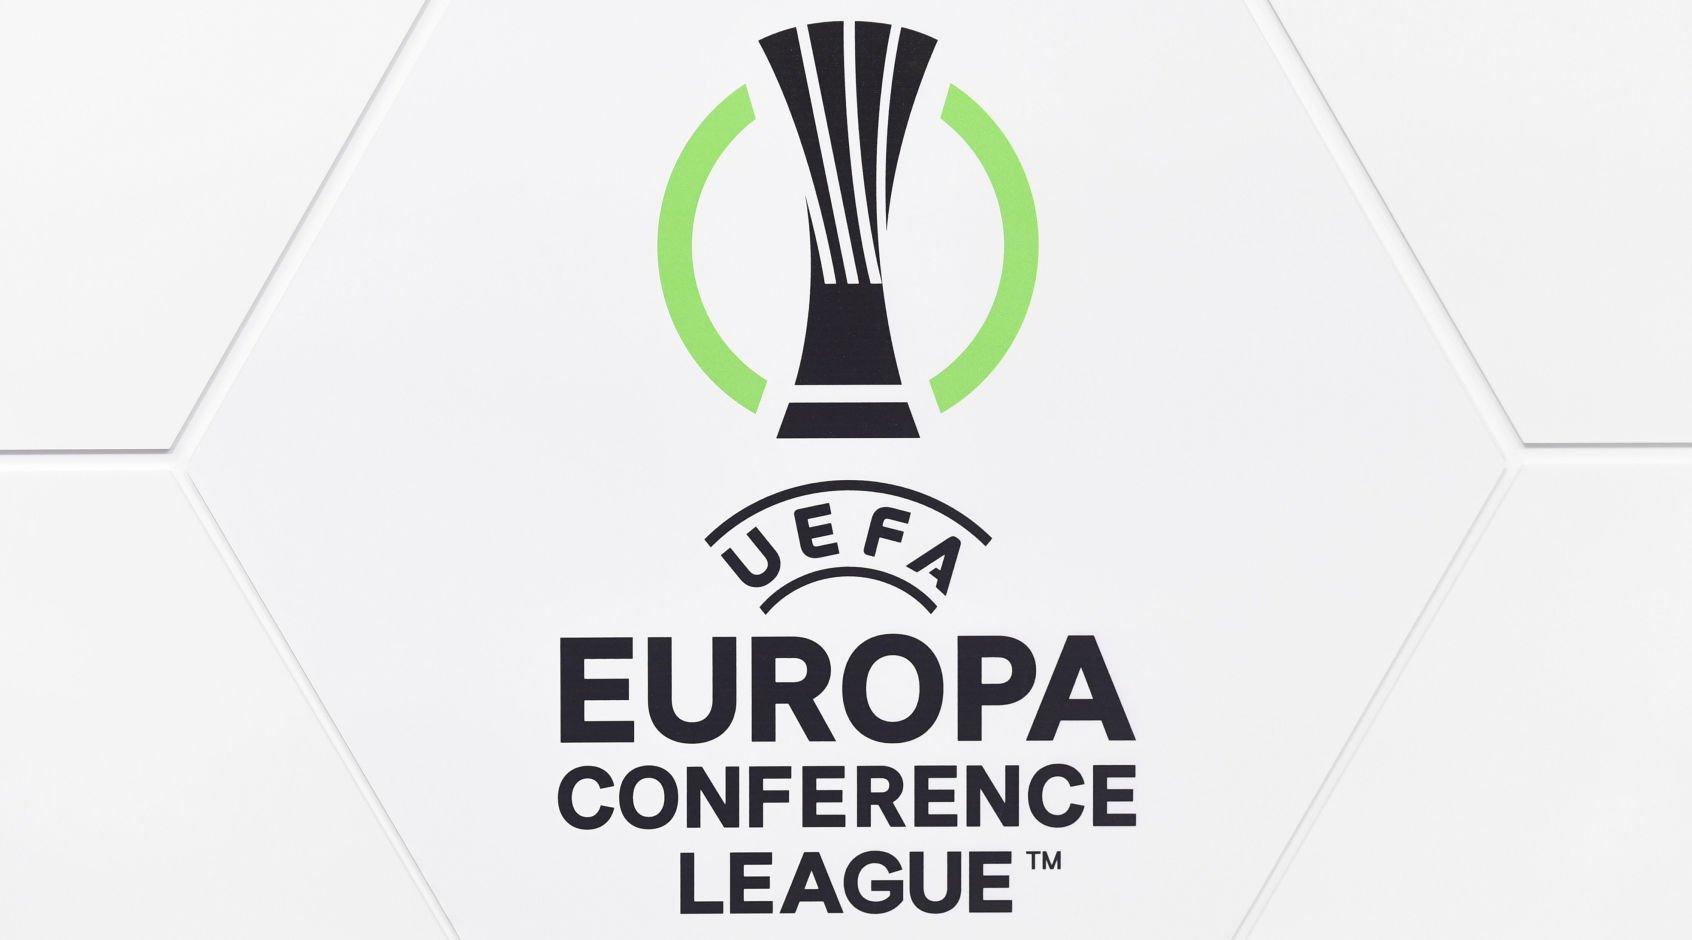 Сегодня состоится жеребьёвка раунда плей-офф Лиги конференций